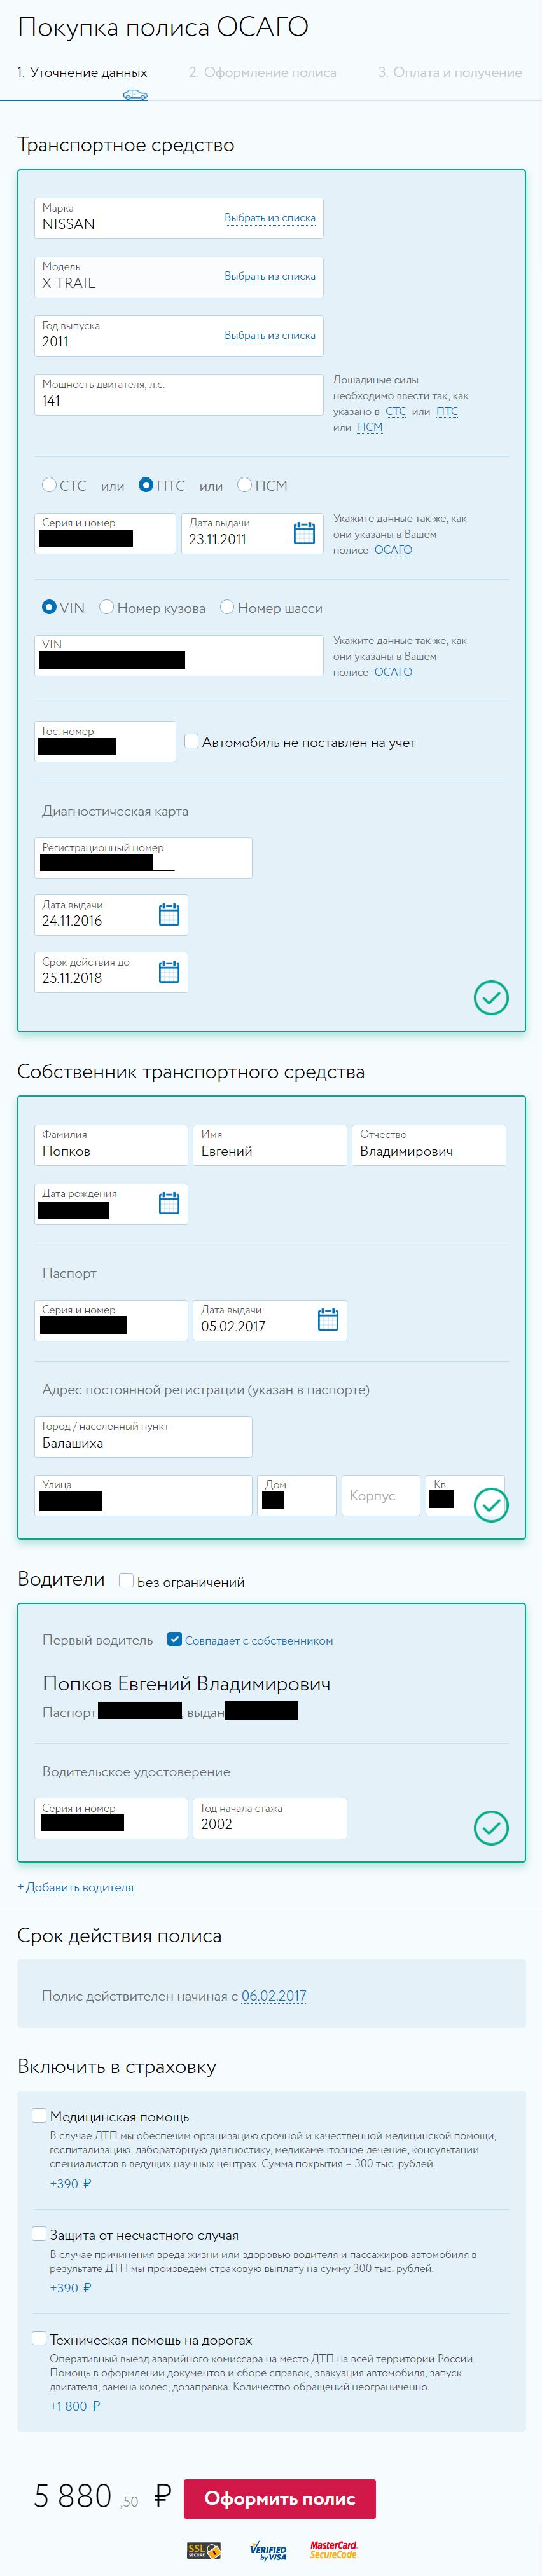 Электронный полис ОСАГО - как оформить страховку и где купить электронное ОСАГО онлайн